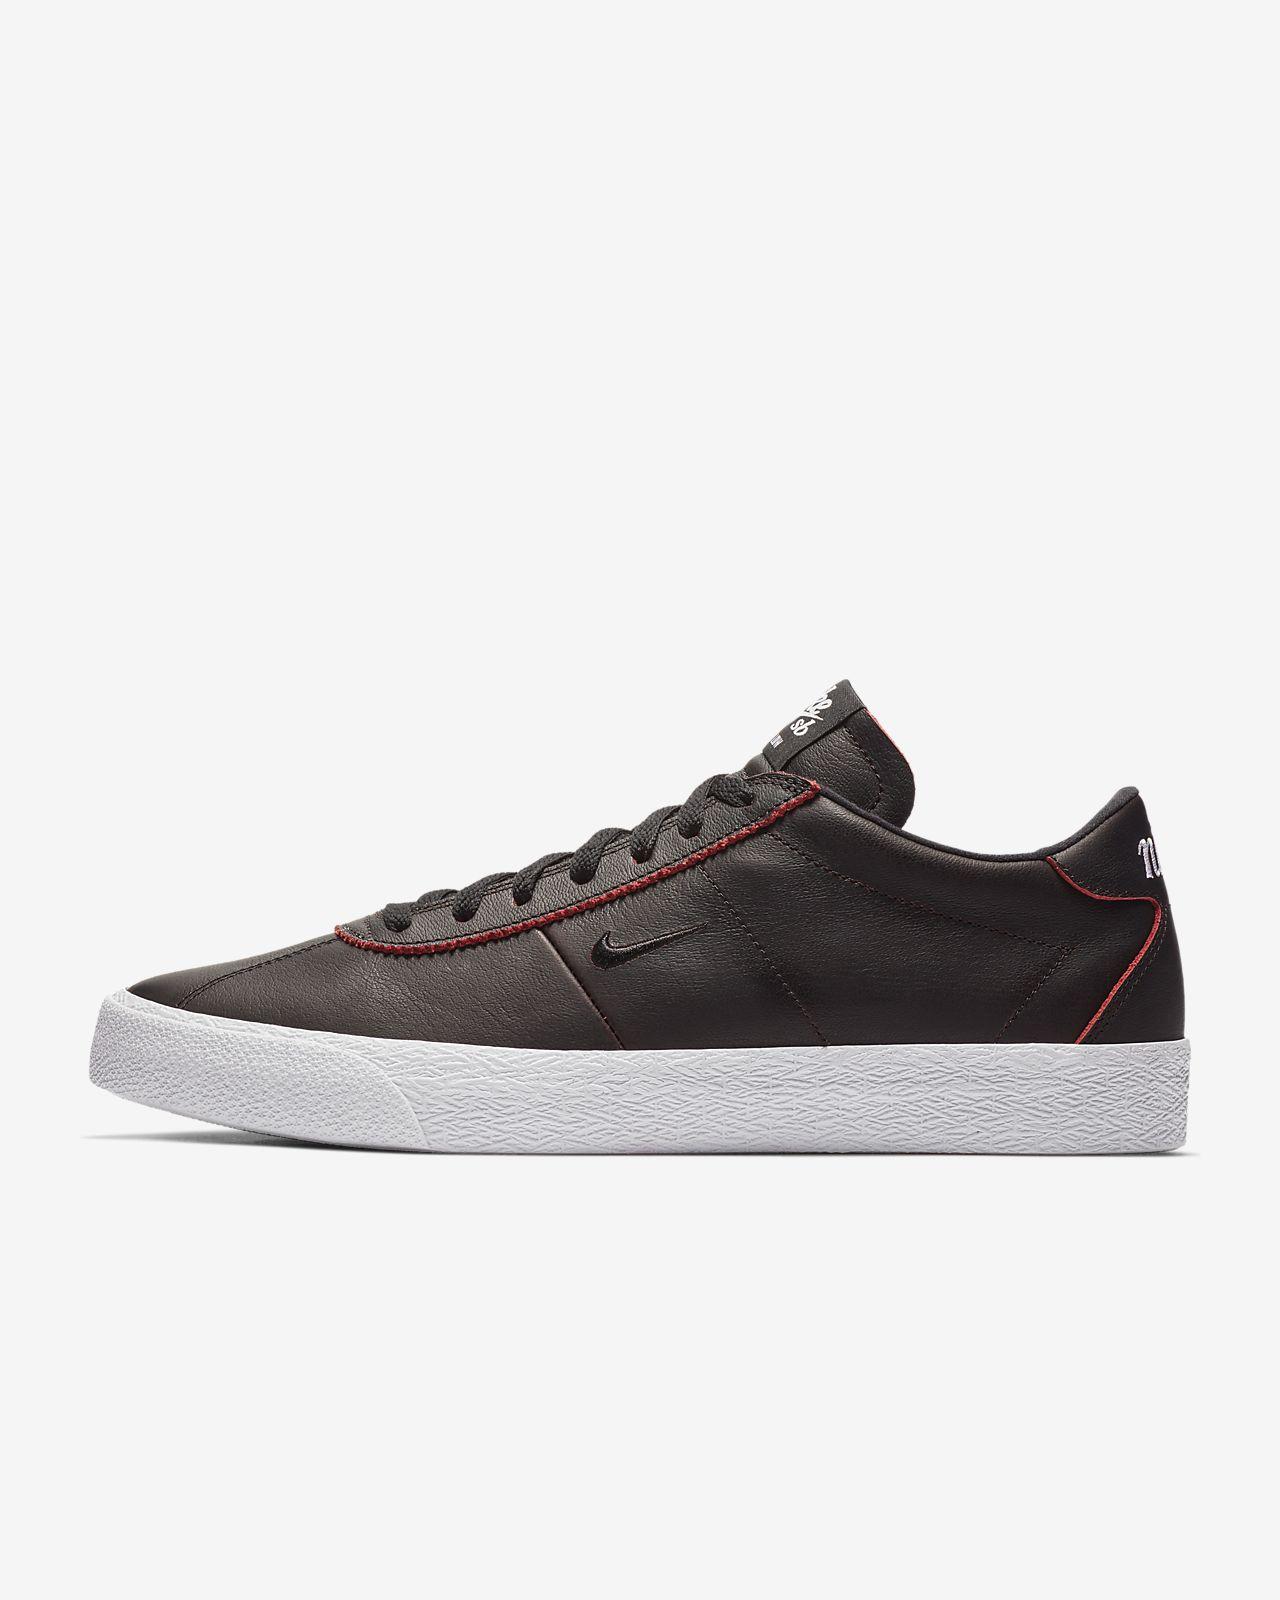 รองเท้าสเก็ตบอร์ด Nike SB Zoom Bruin NBA